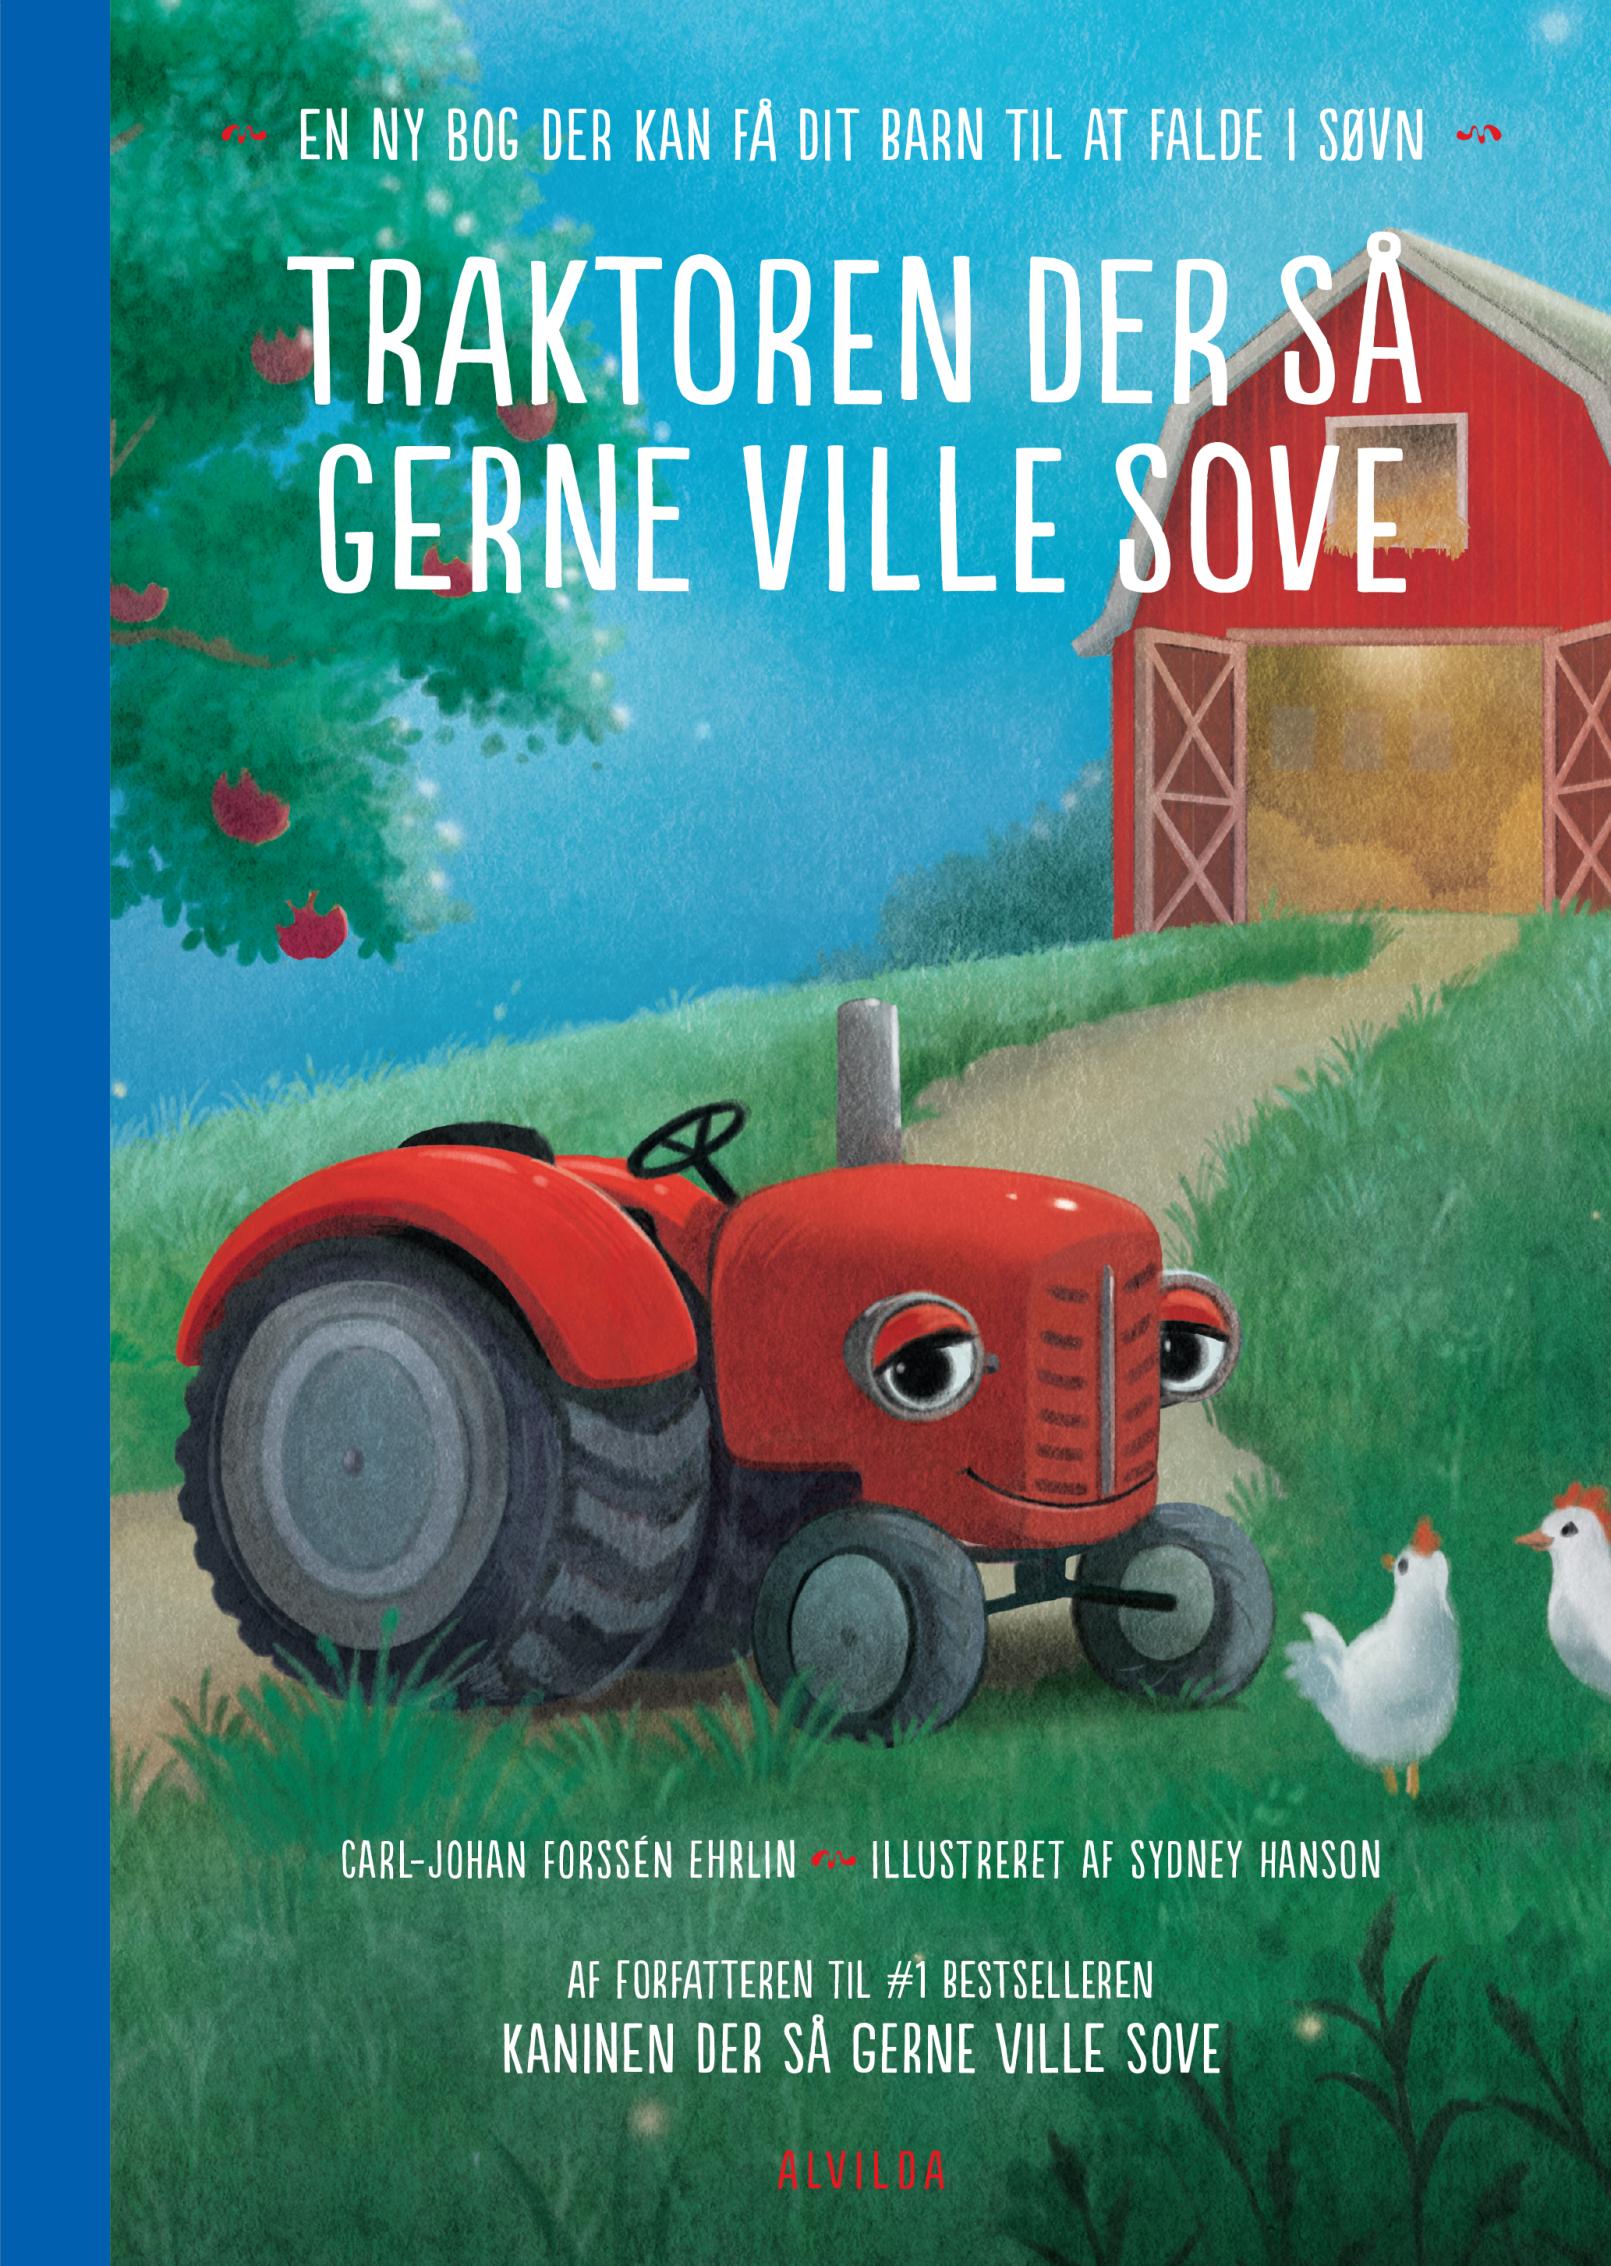 Traktoren der så gerne ville sove - en ny bog der kan få dit barn til at falde i søvn - Maneno